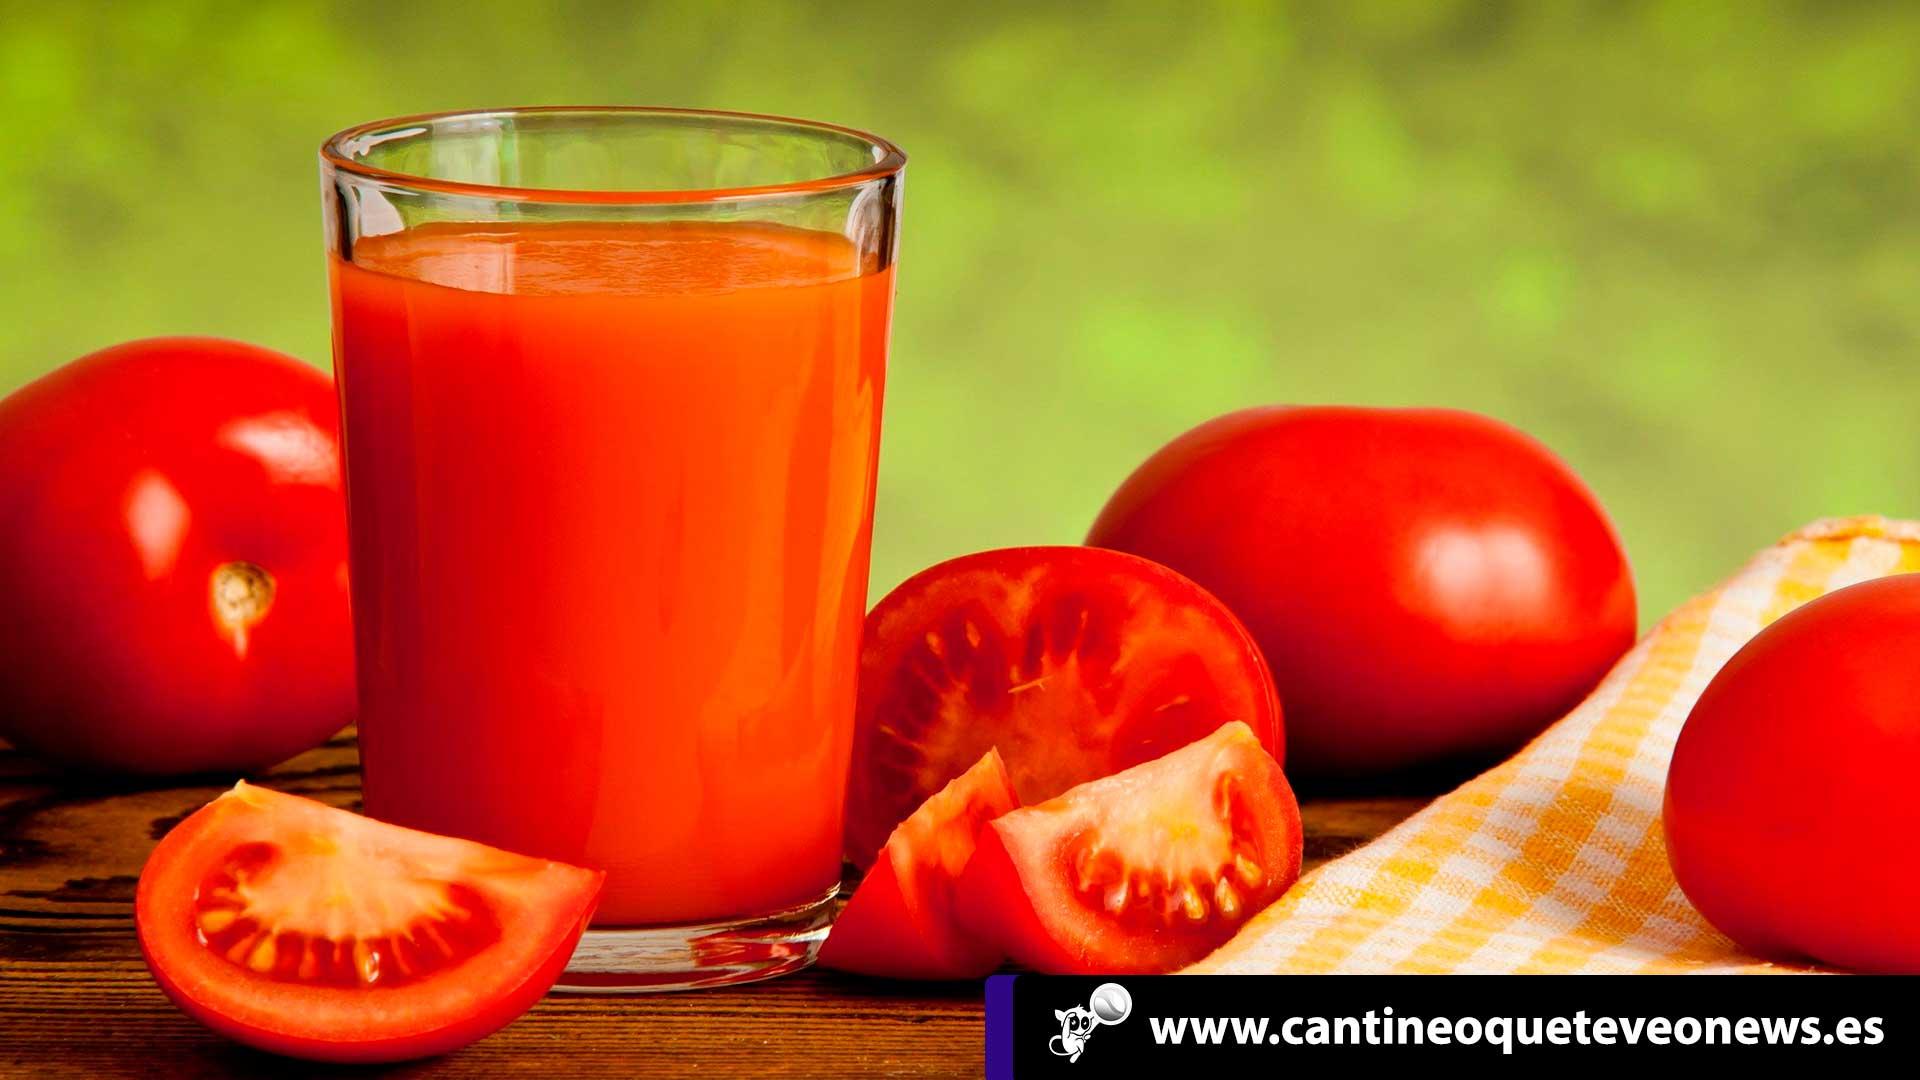 que vitaminas tiene el tomate de arbol